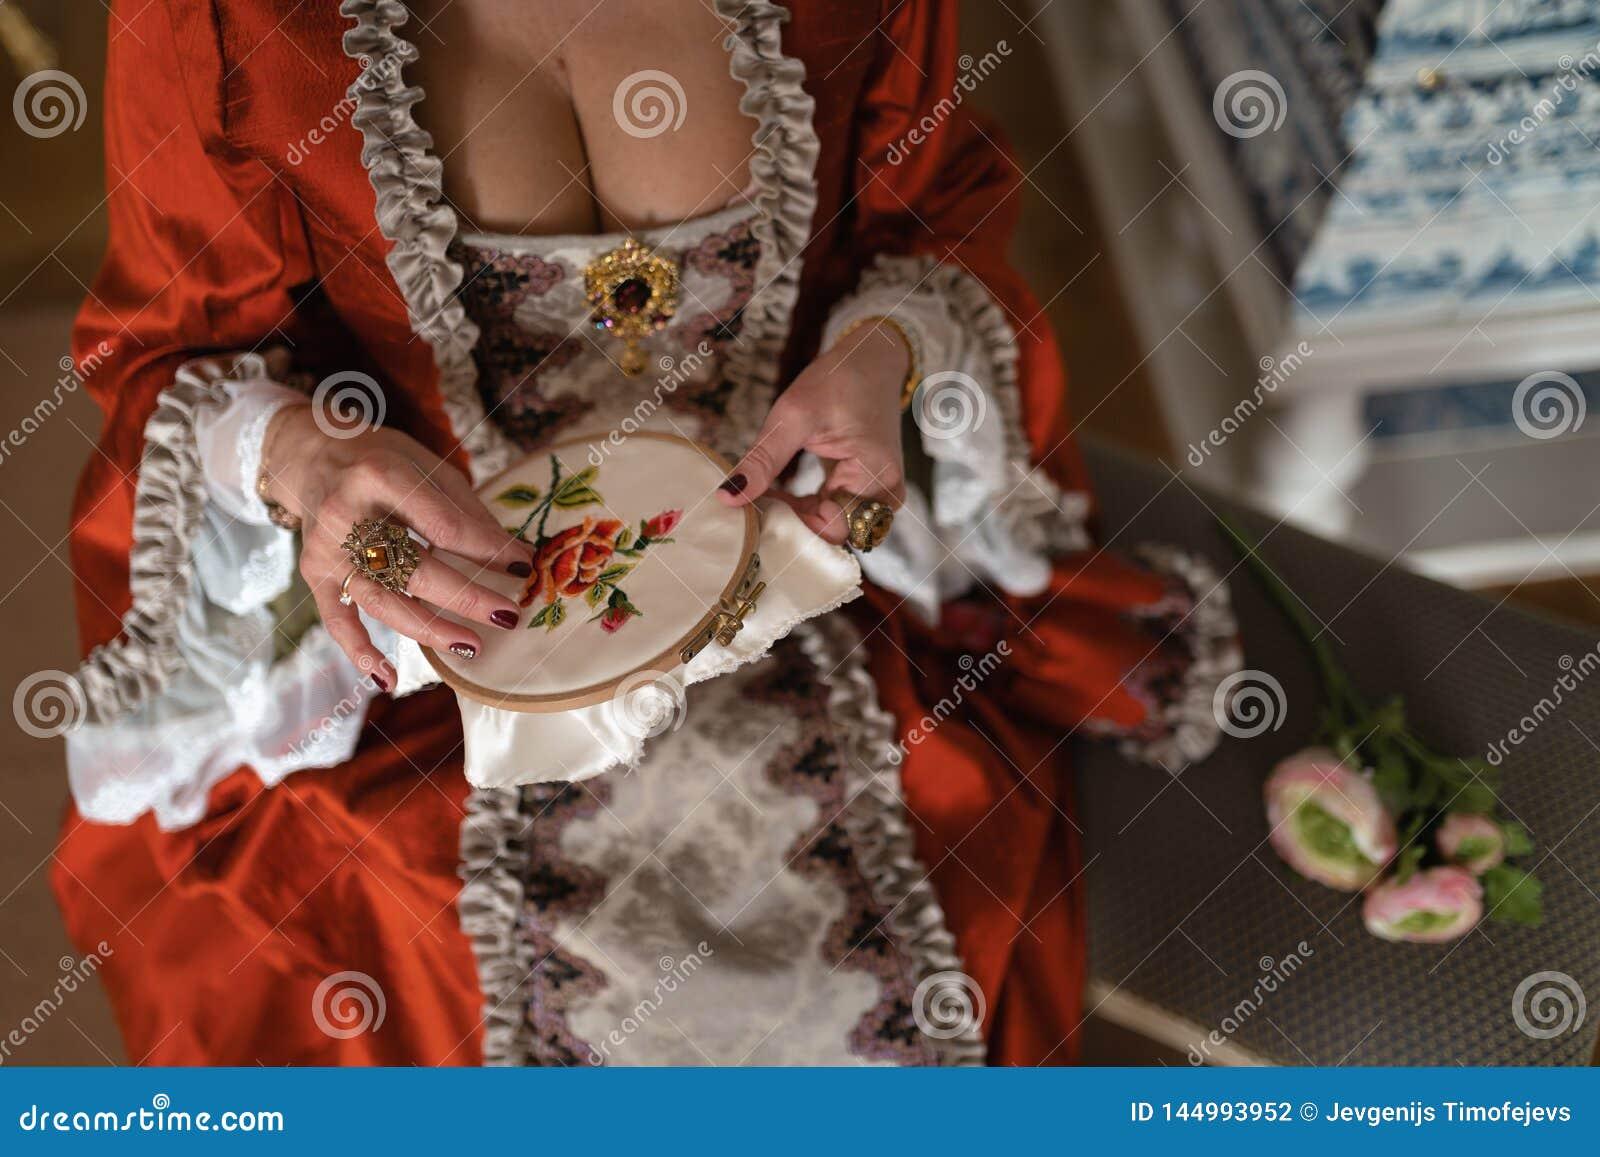 Boule médiévale royale de rétro style - le palais majestueux avec les personnes magnifiques habillées dans des amis de roi et